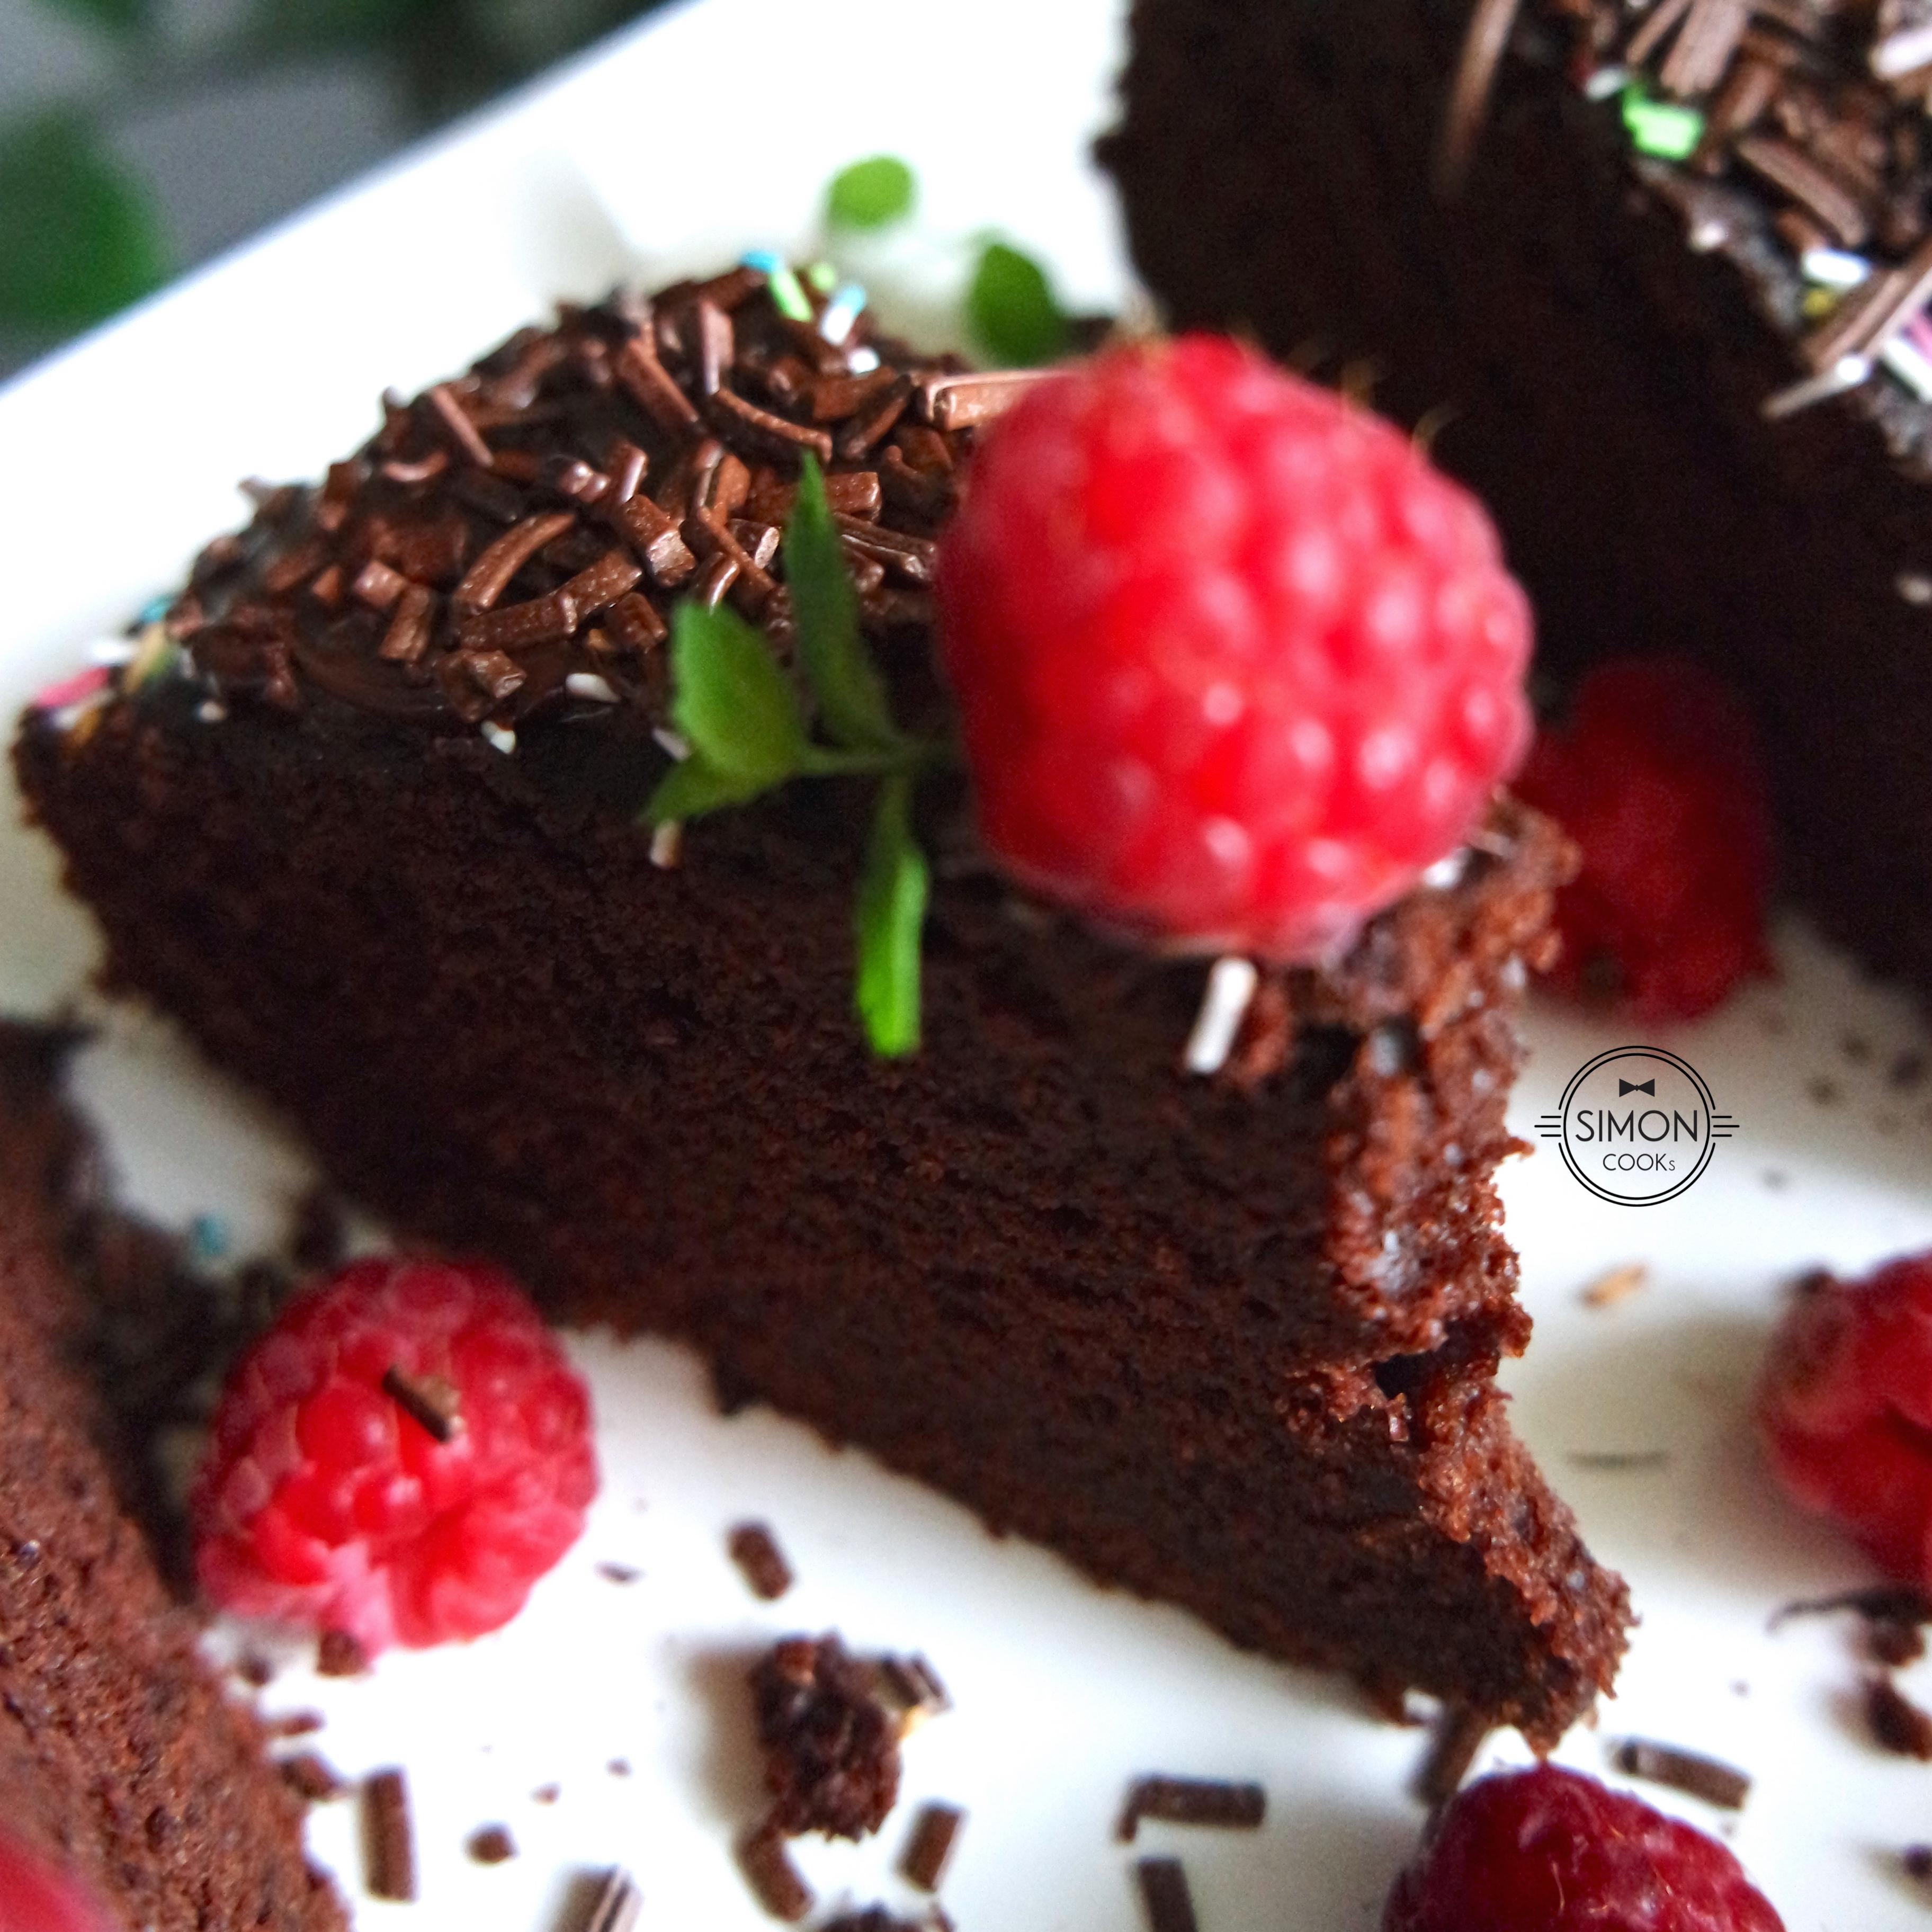 murzynek simon cooks ciasto czekoladowe czekolada